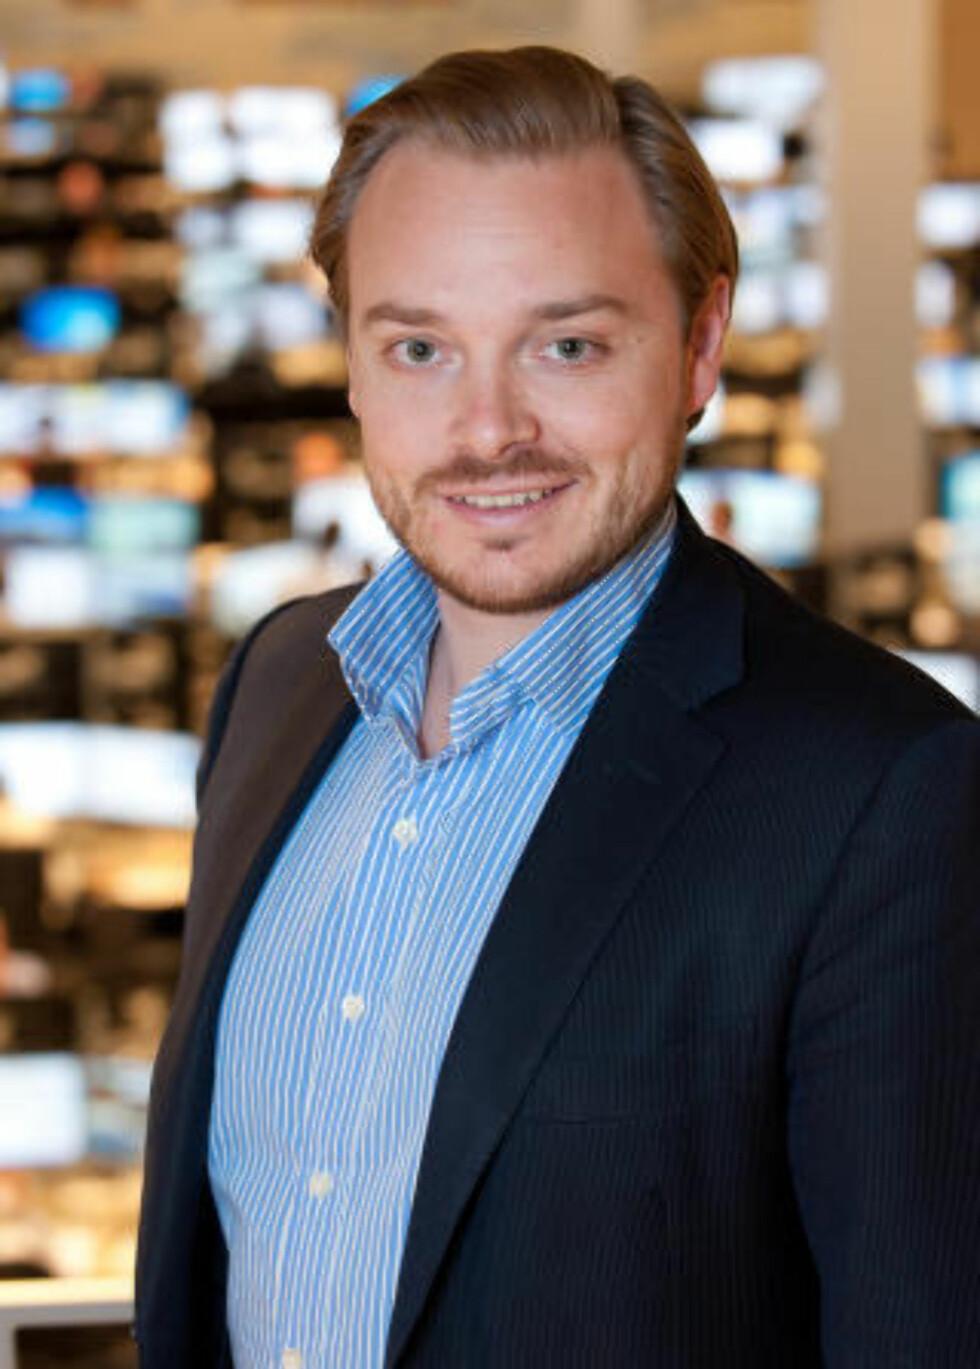 TROR IKKE PÅ KRISE: - Dagen i dag var ikke noe hyggelig, sier aksjesjef Alexander Opstad i DNB Markets til Dagbladet. Han mener likevel at det er usannsynlig at vi står på randen av en ny finanskrise. Foto: DNB